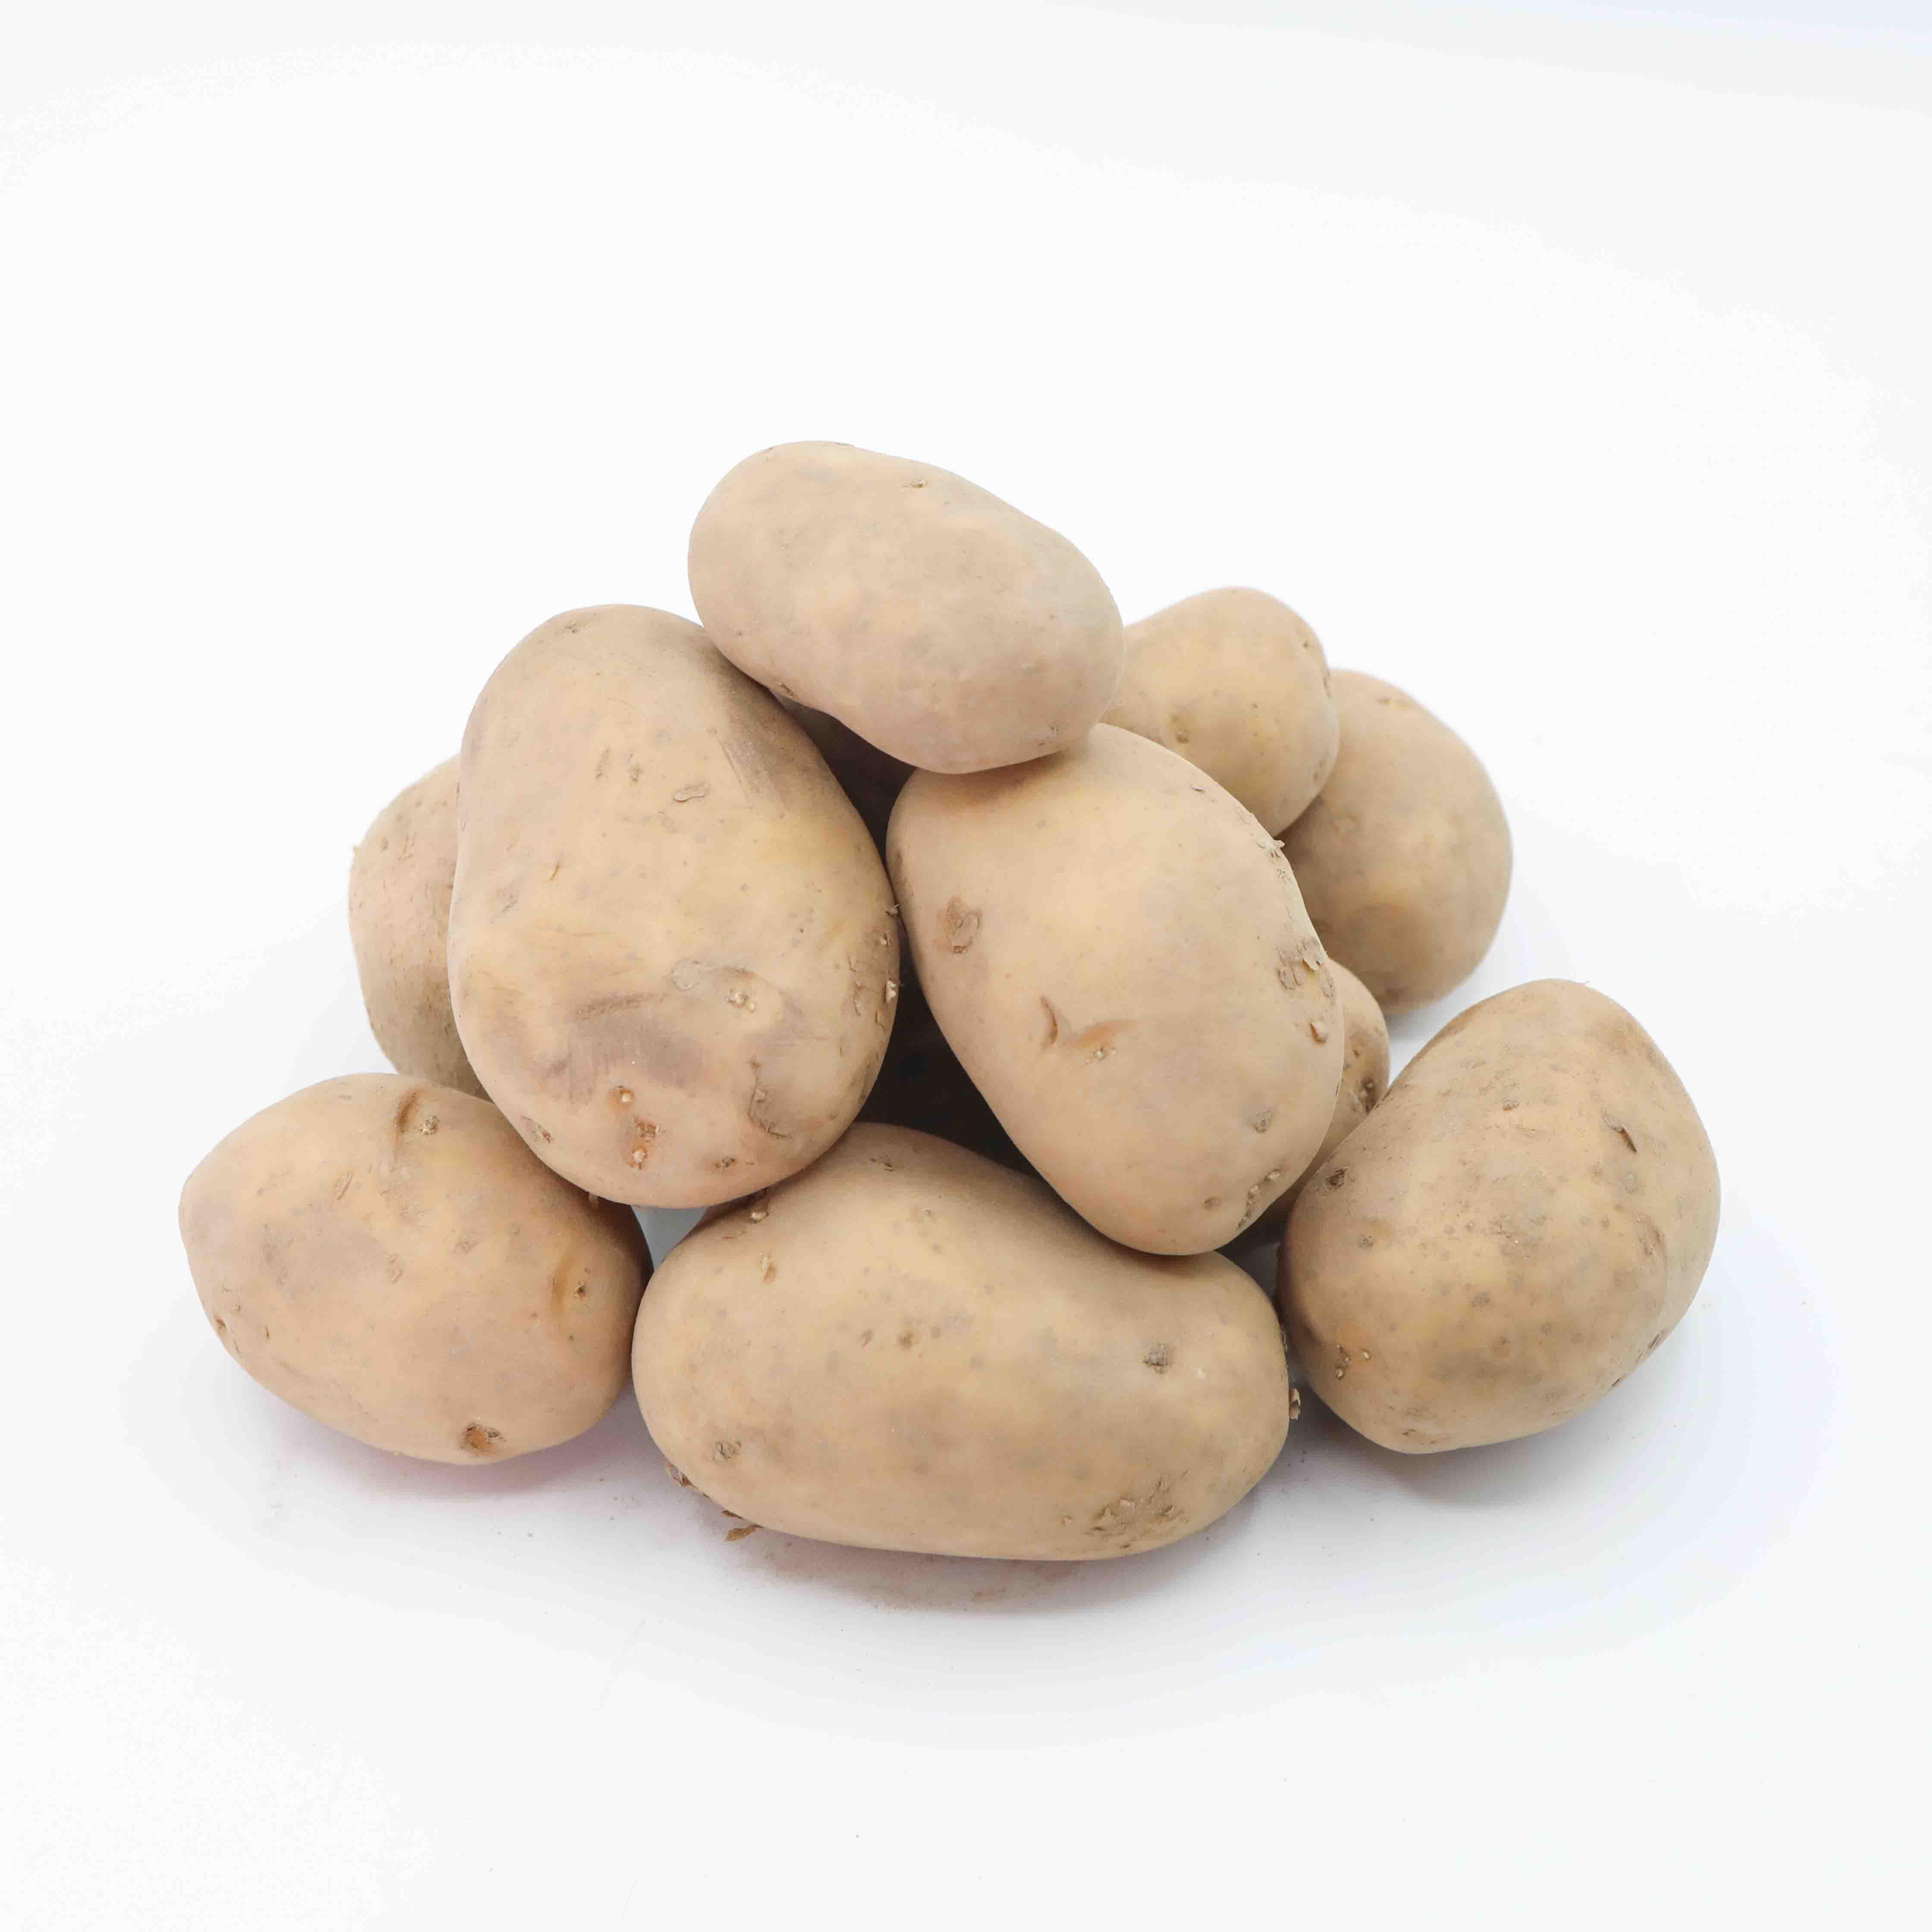 Pomme de terre CT vrac Image